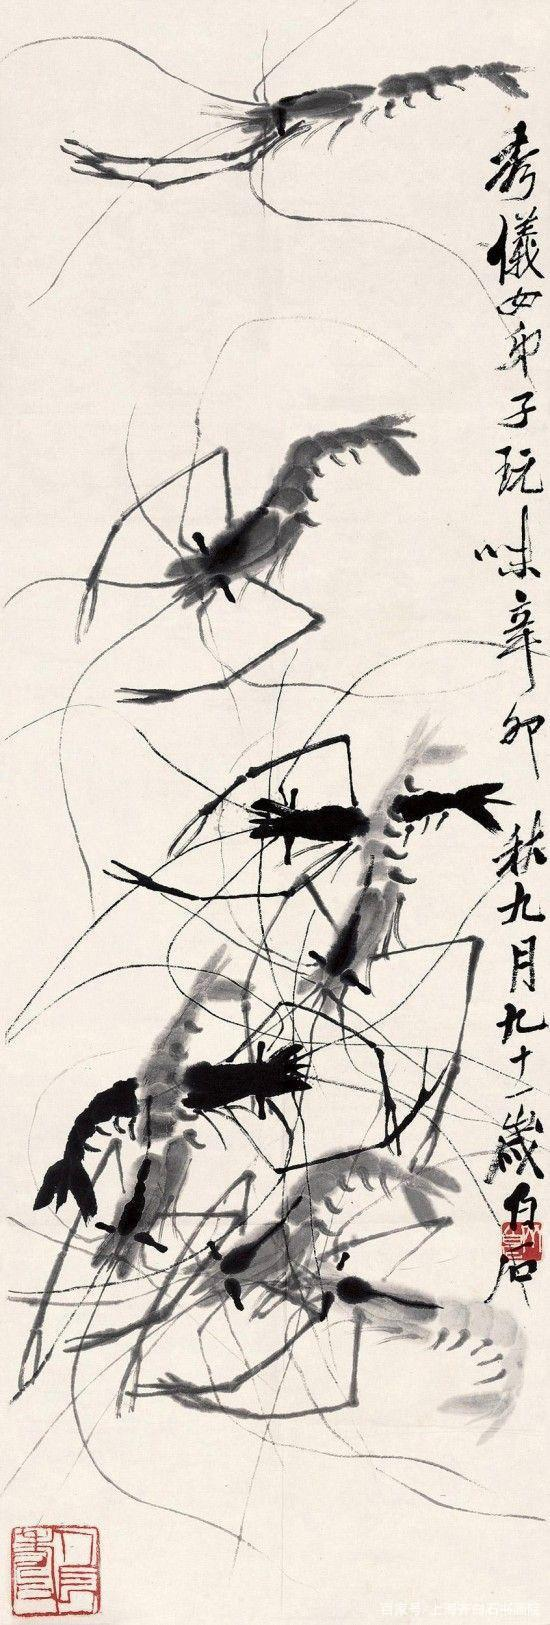 少白汤发周说若论画虾,八大山人画过,齐白石也受他的影响而画虾